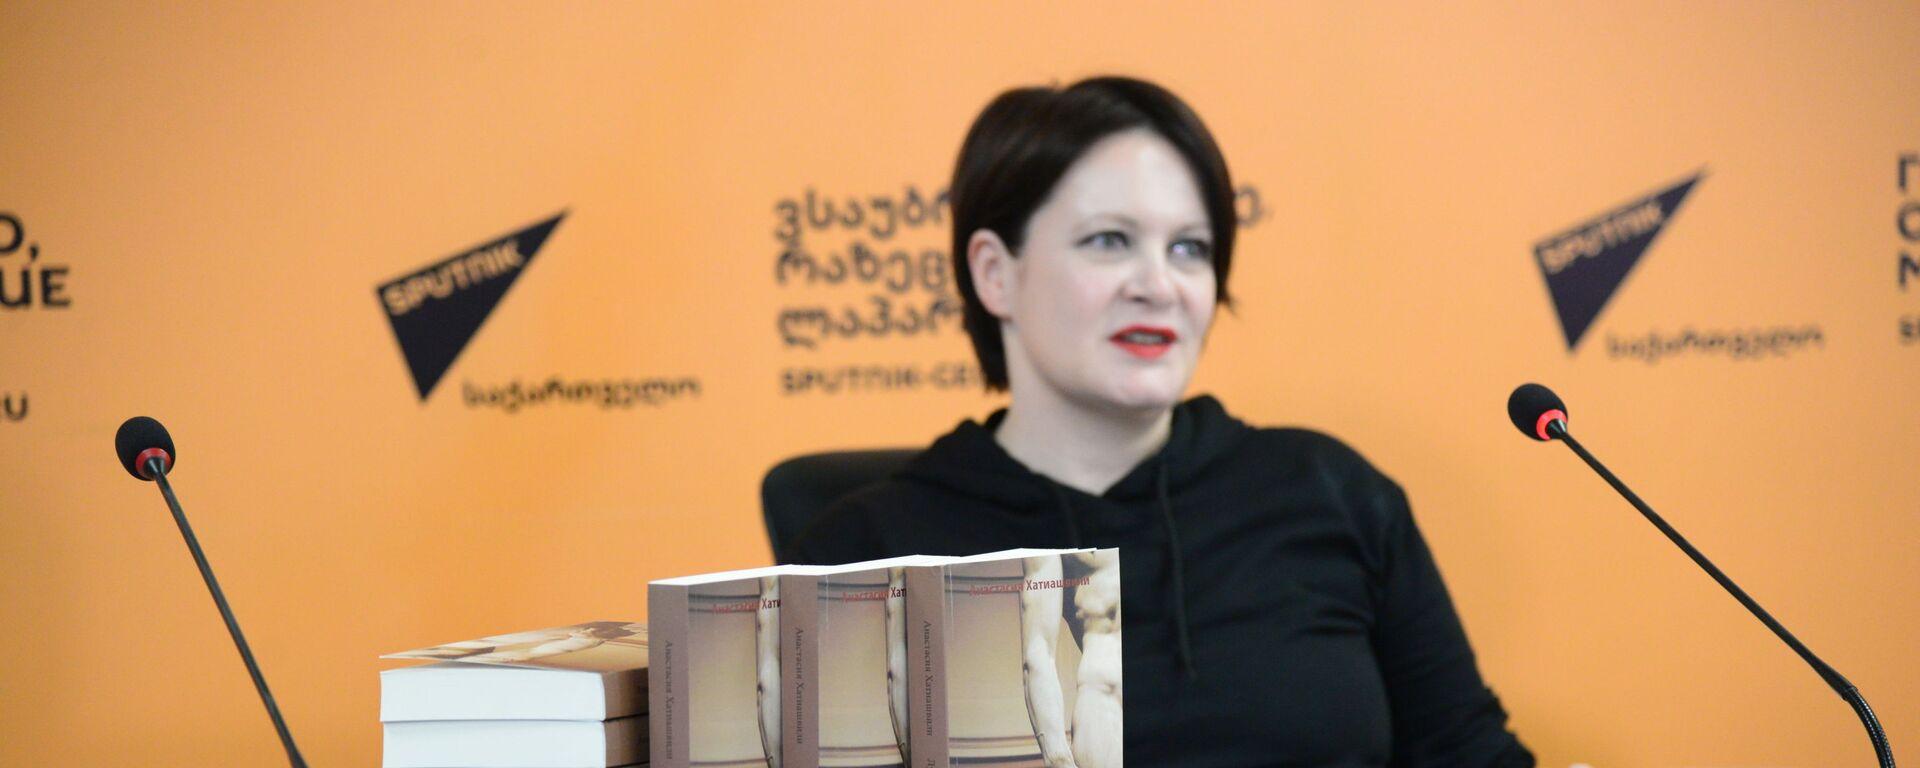 Пресс-конференция: Презентация дебютного романа Лучшее, чего у меня нет  - Sputnik Грузия, 1920, 10.09.2021